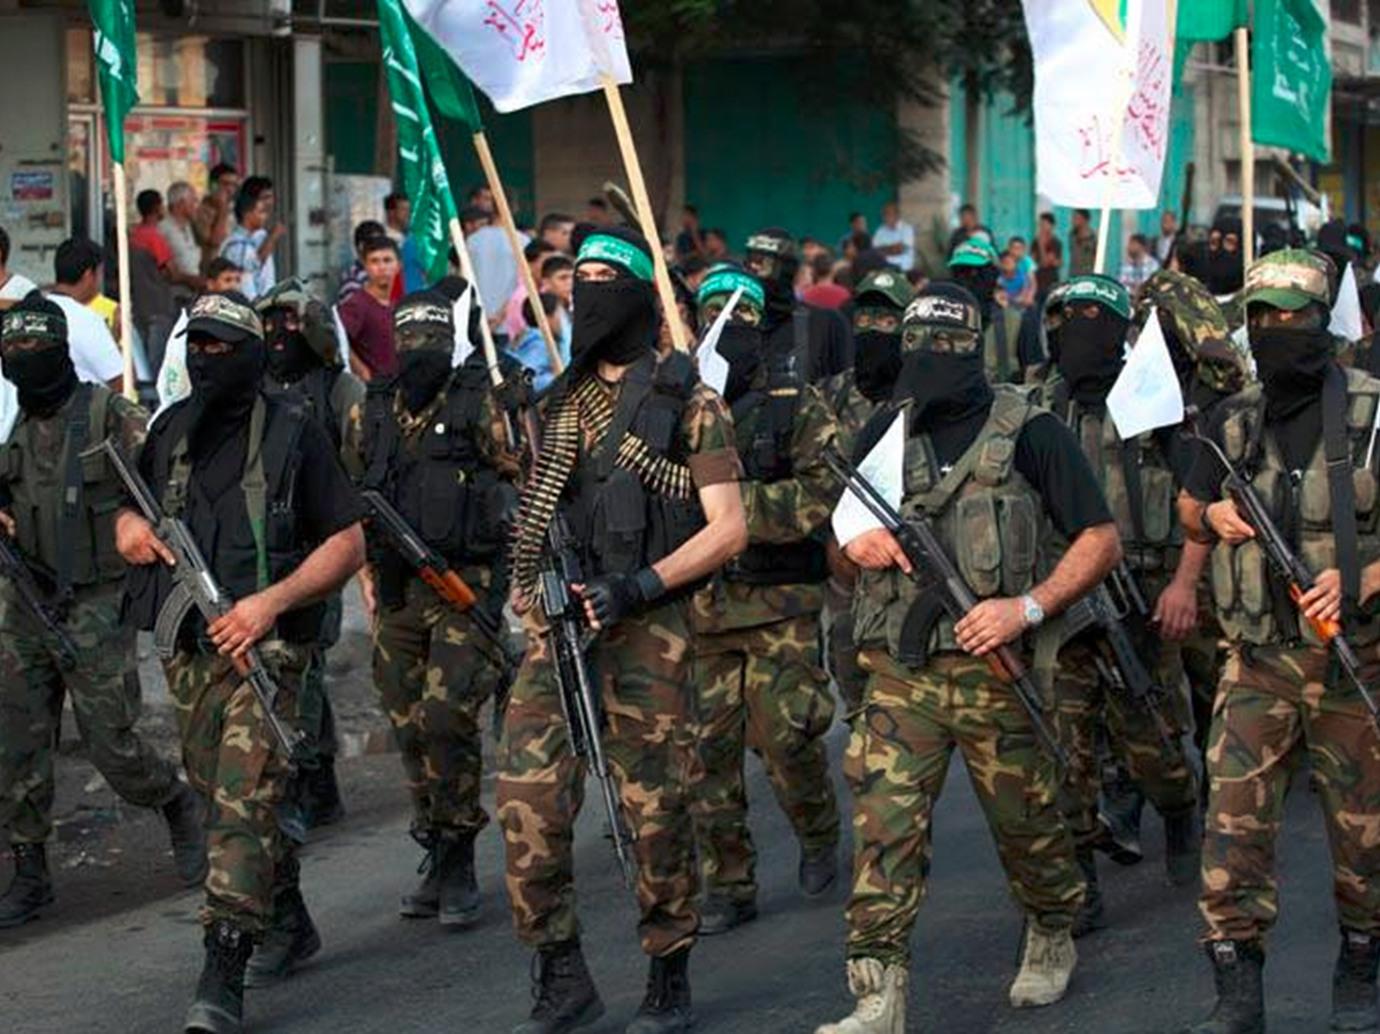 الجنرال سليماني: نزع سلاح المقاومة بغزة وهم